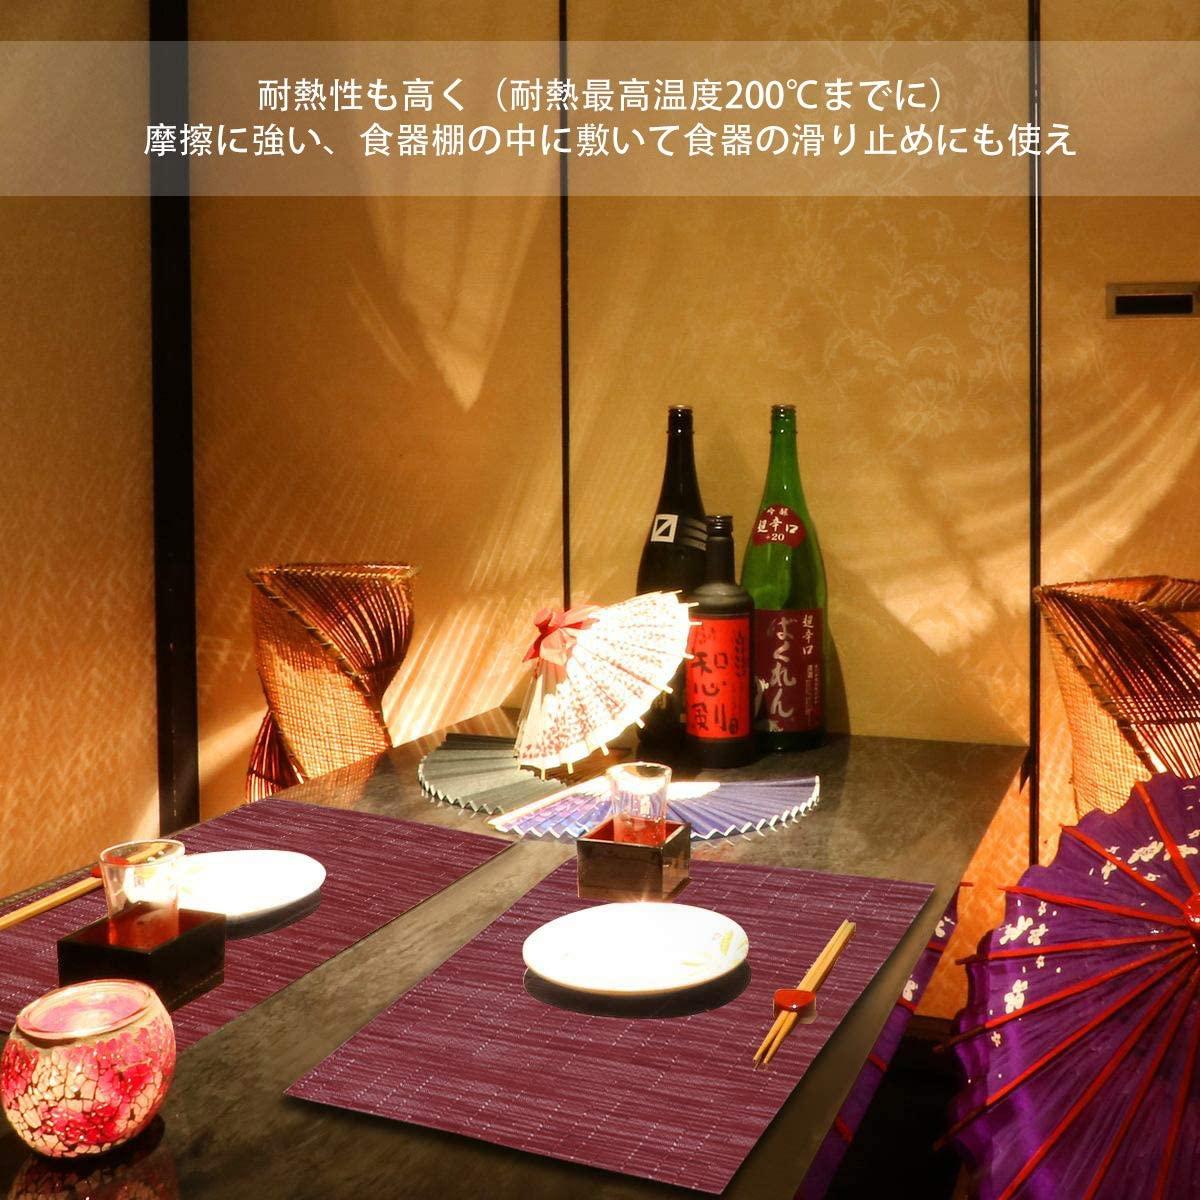 アオケシランチョンマット 4枚セット ワインレッドの商品画像8